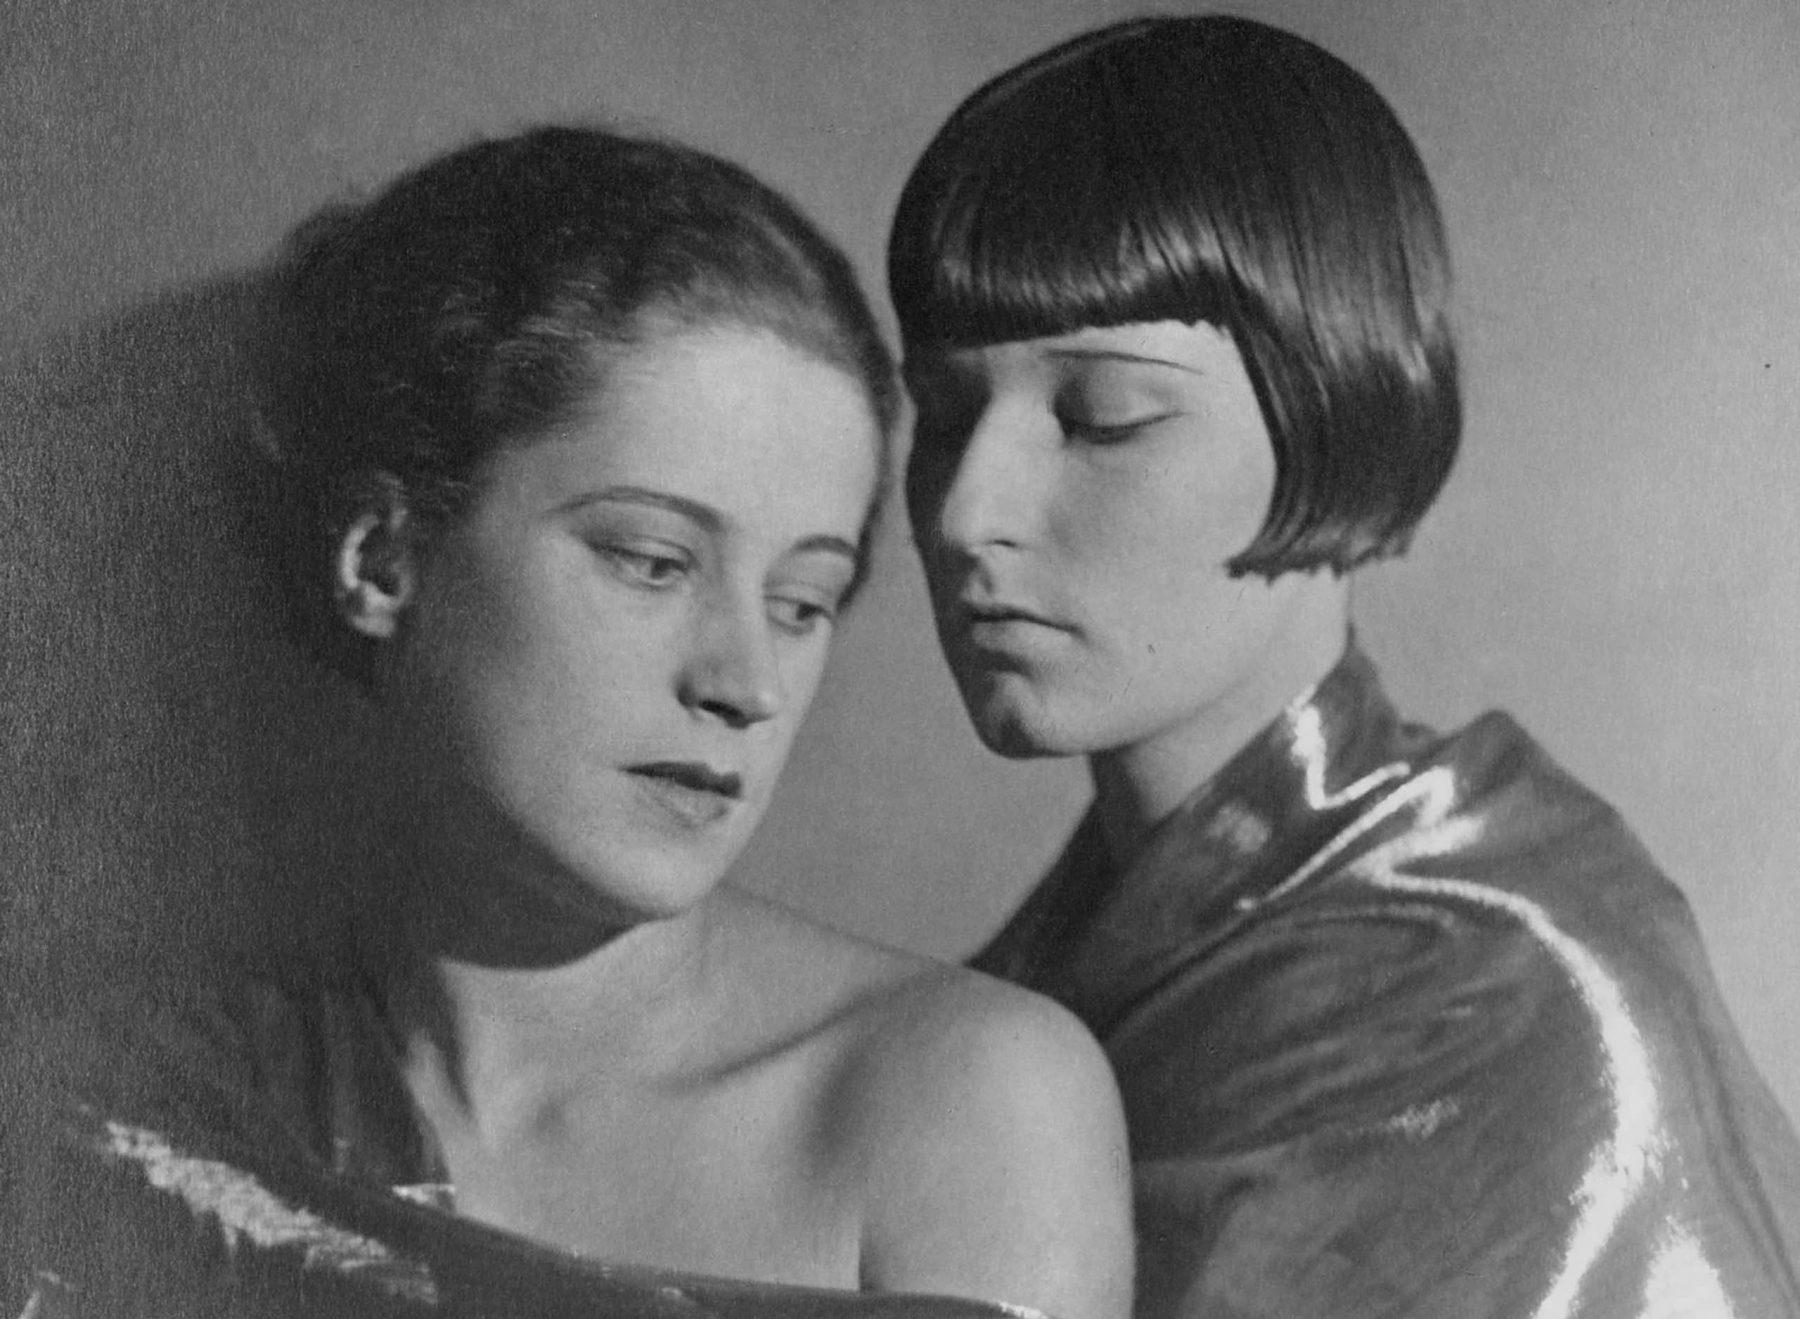 Schwarzweißfotografie von zwei jungen Frauen, die eng aneinander stehen und nach unten blicken.